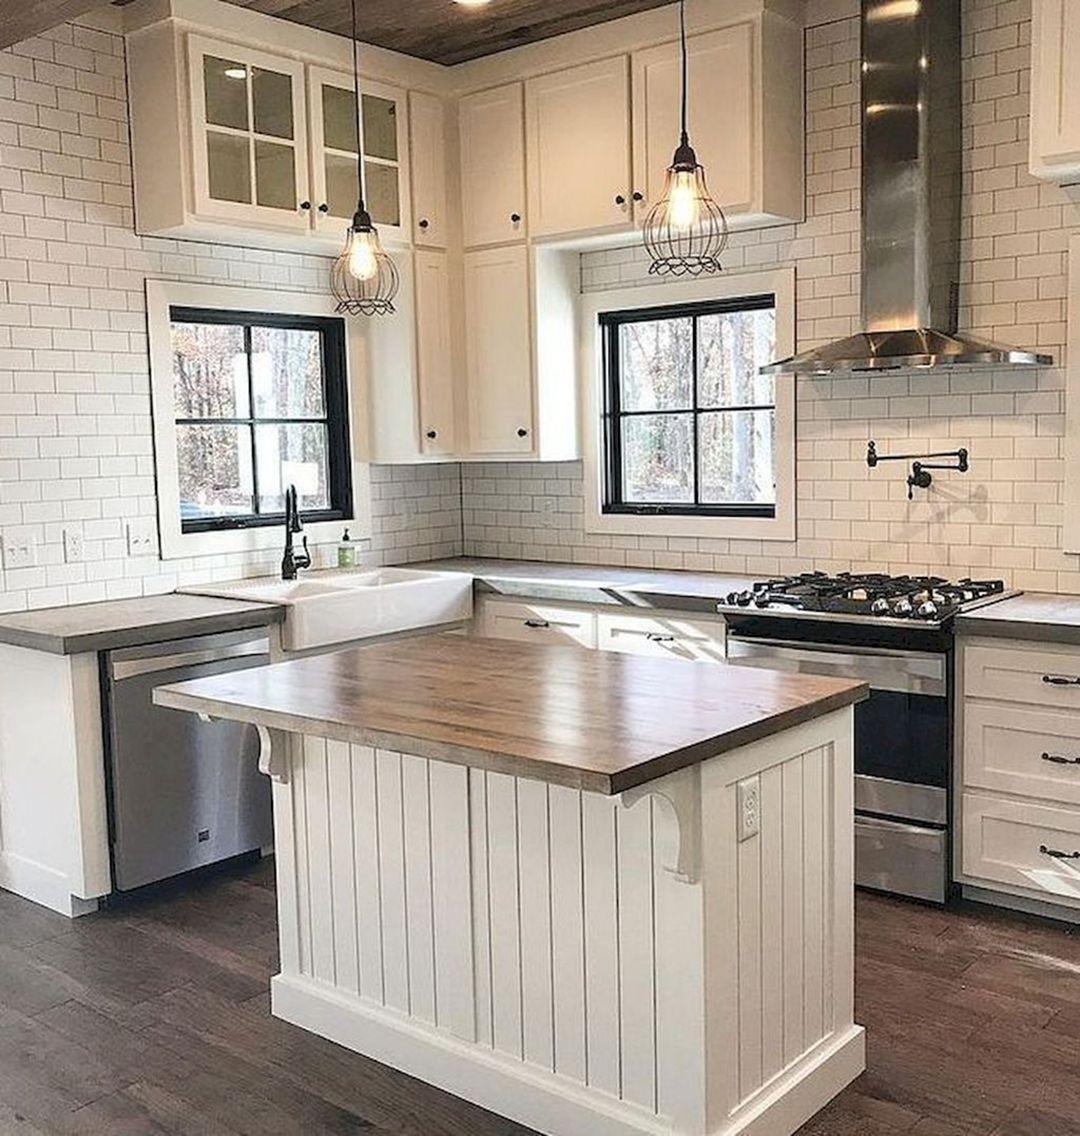 Top 10 Modern Farmhouse Kitchen Design And Decoration Ideas #farmhousekitchencountertops